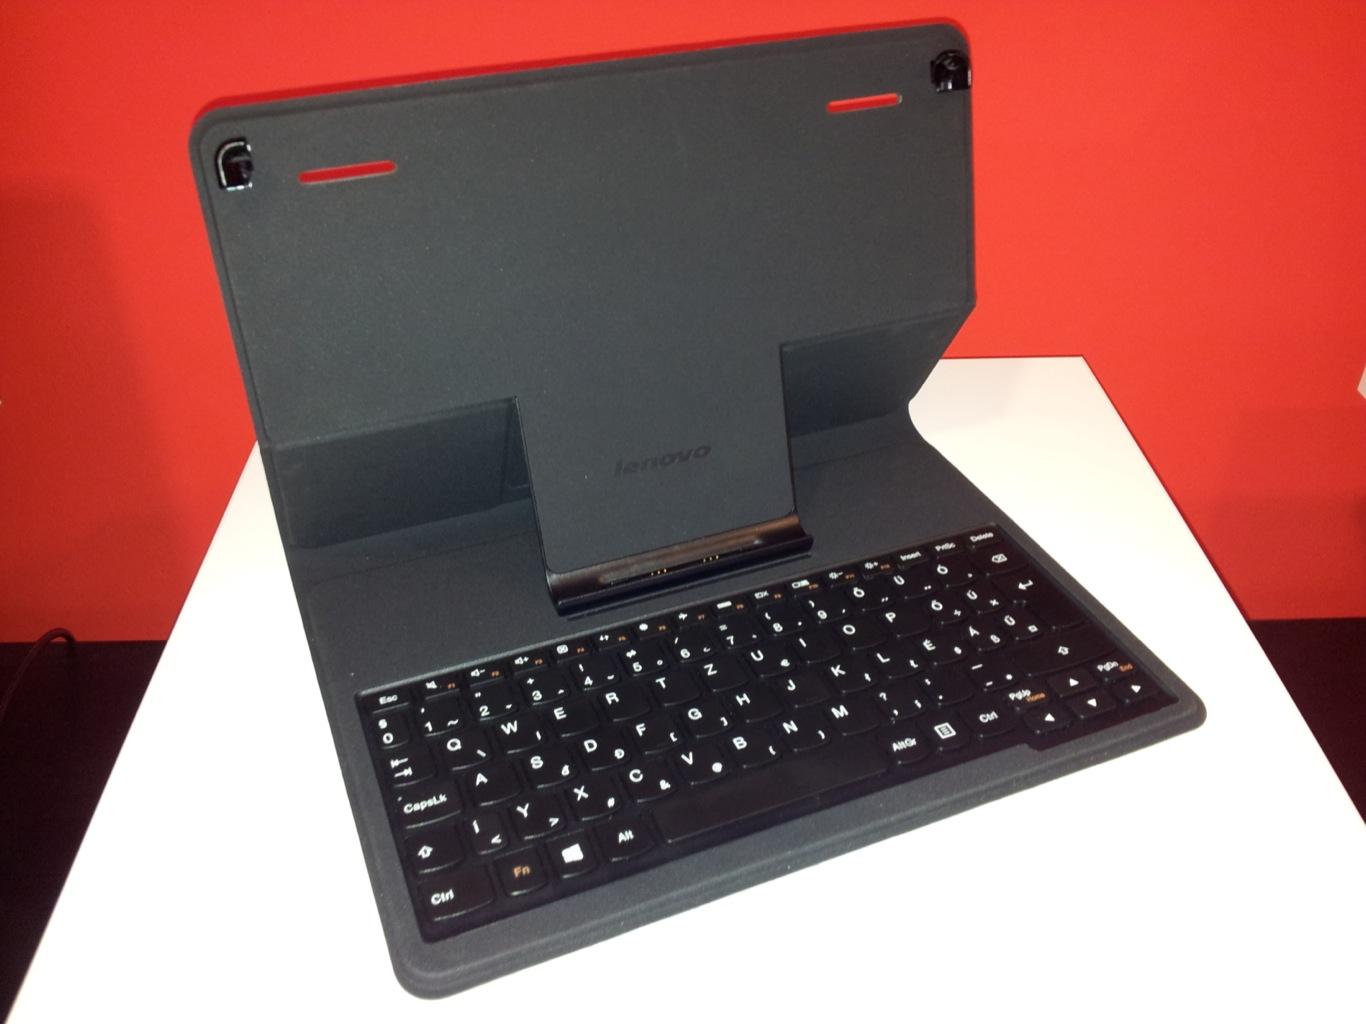 Lenovo IdeaPad Miix 10 teszt és Windows 8 gyorstalpaló 2in1